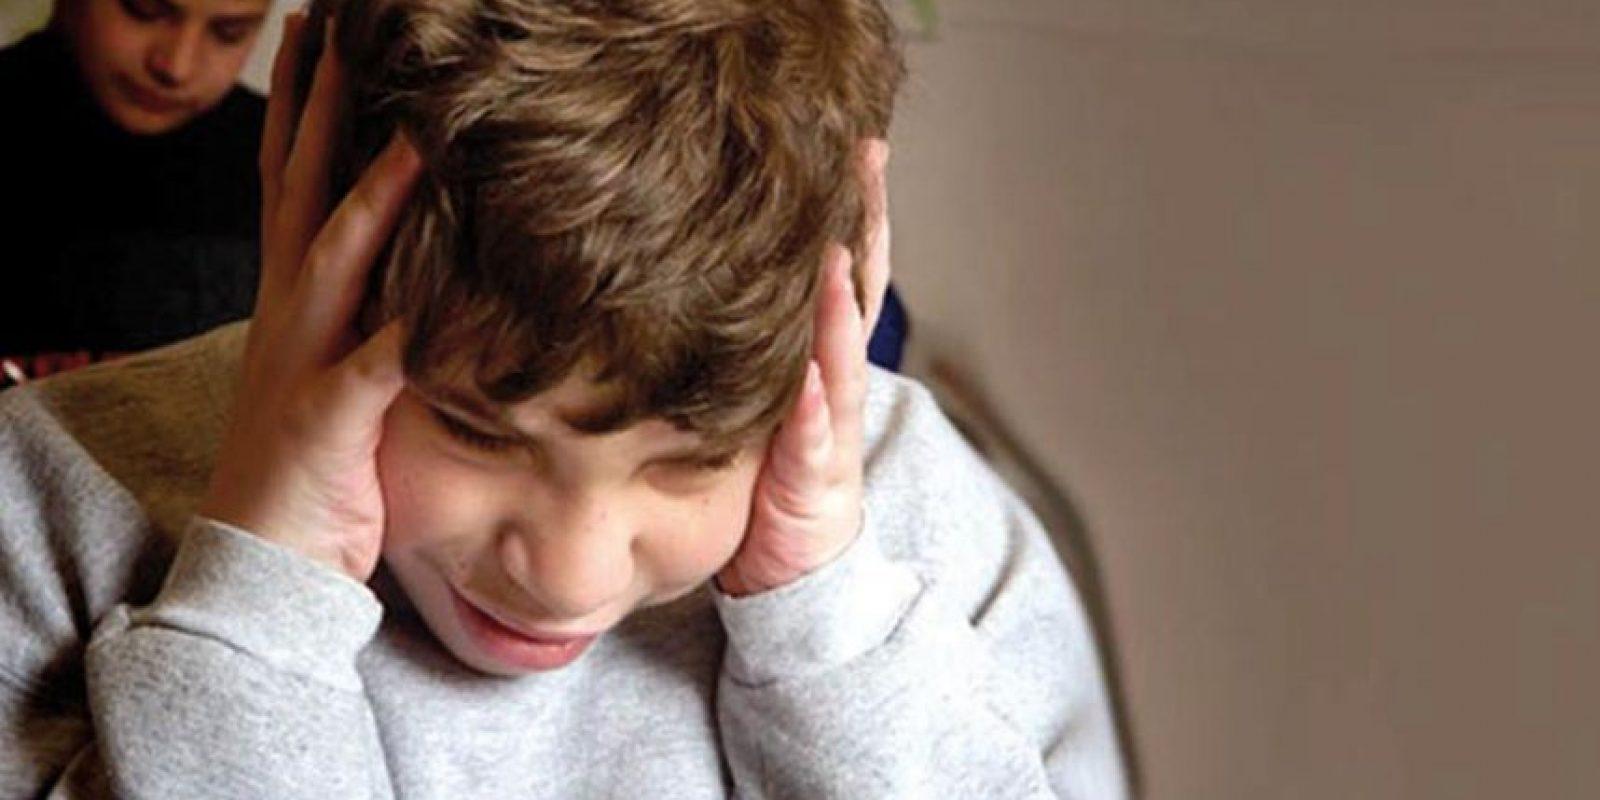 Dificultades para relacionarse con las personas. Los niños con este trastorno no se dejan mimar, evitan el contacto visual y no parecen querer o necesitar contacto físico o afecto. Pueden volverse rígidos o flojos cuando se los sostiene, llorar cuando se les levanta y mostrar poco interés en el contacto humano. No levantan sus brazos para ser cargados. Foto:Fuente externa